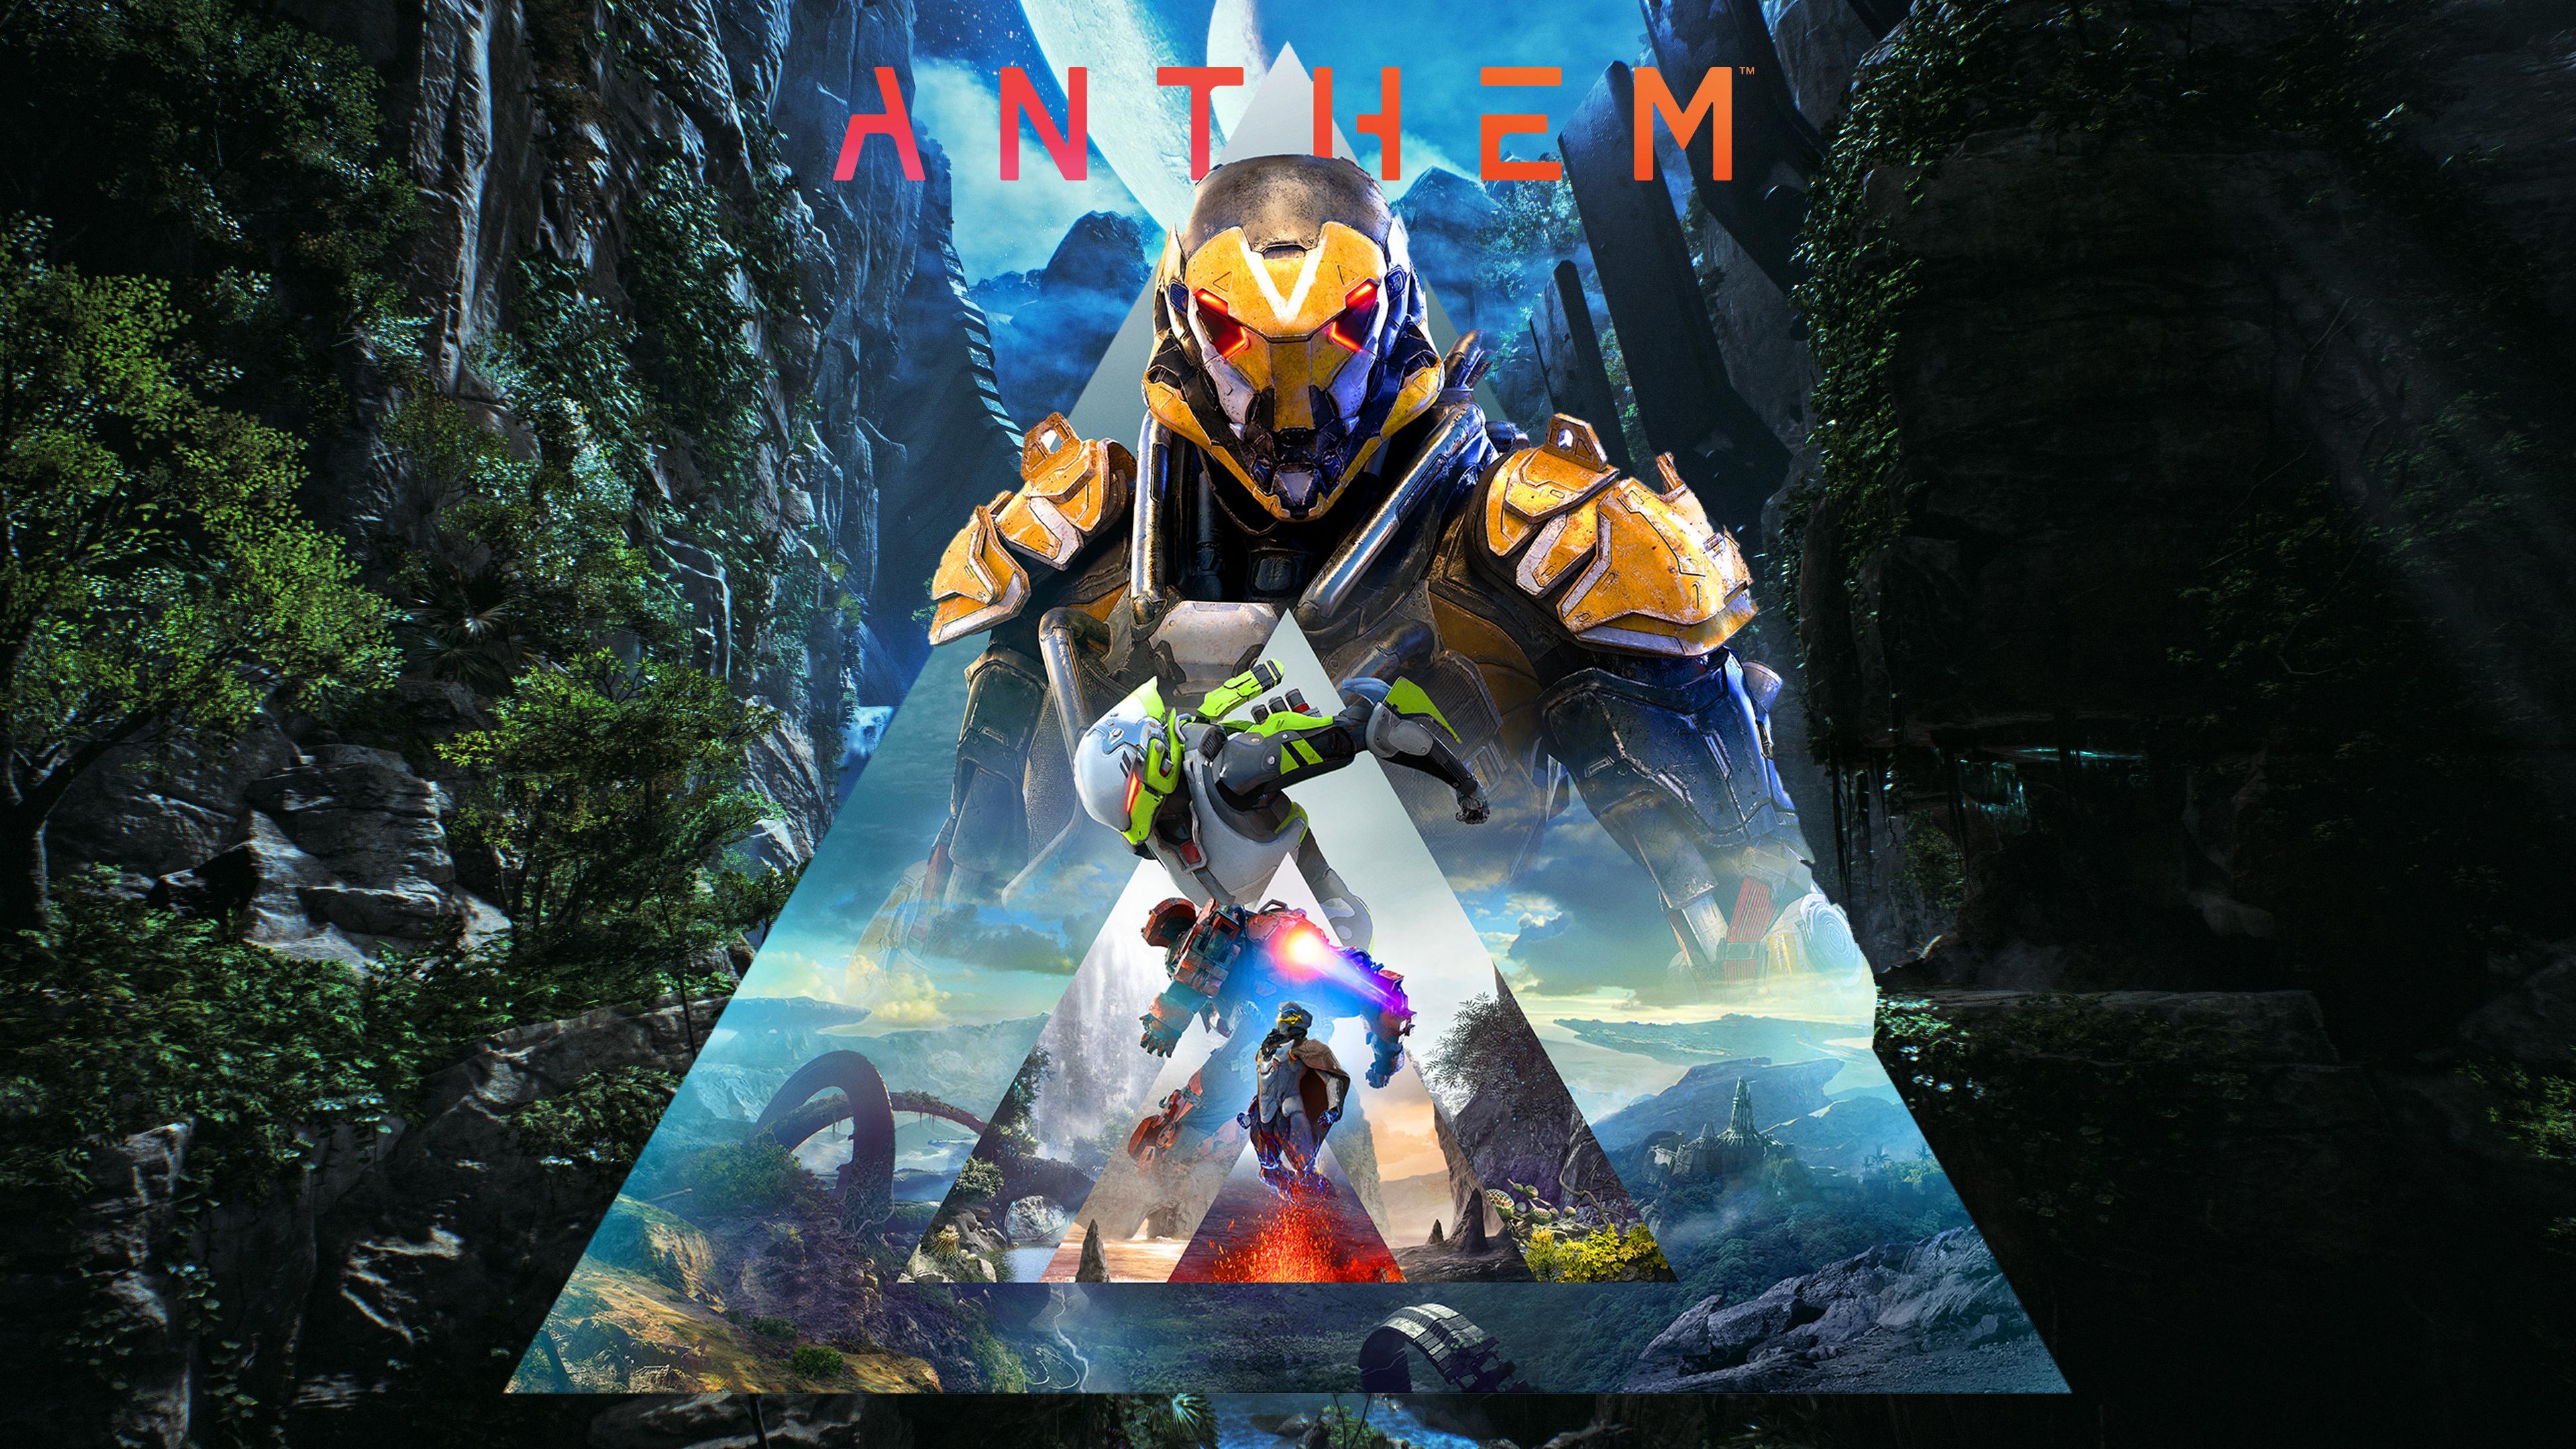 2019 anthem 4k 1553074459 - 2019 Anthem 4k - hd-wallpapers, games wallpapers, anthem wallpapers, 4k-wallpapers, 2019 games wallpapers